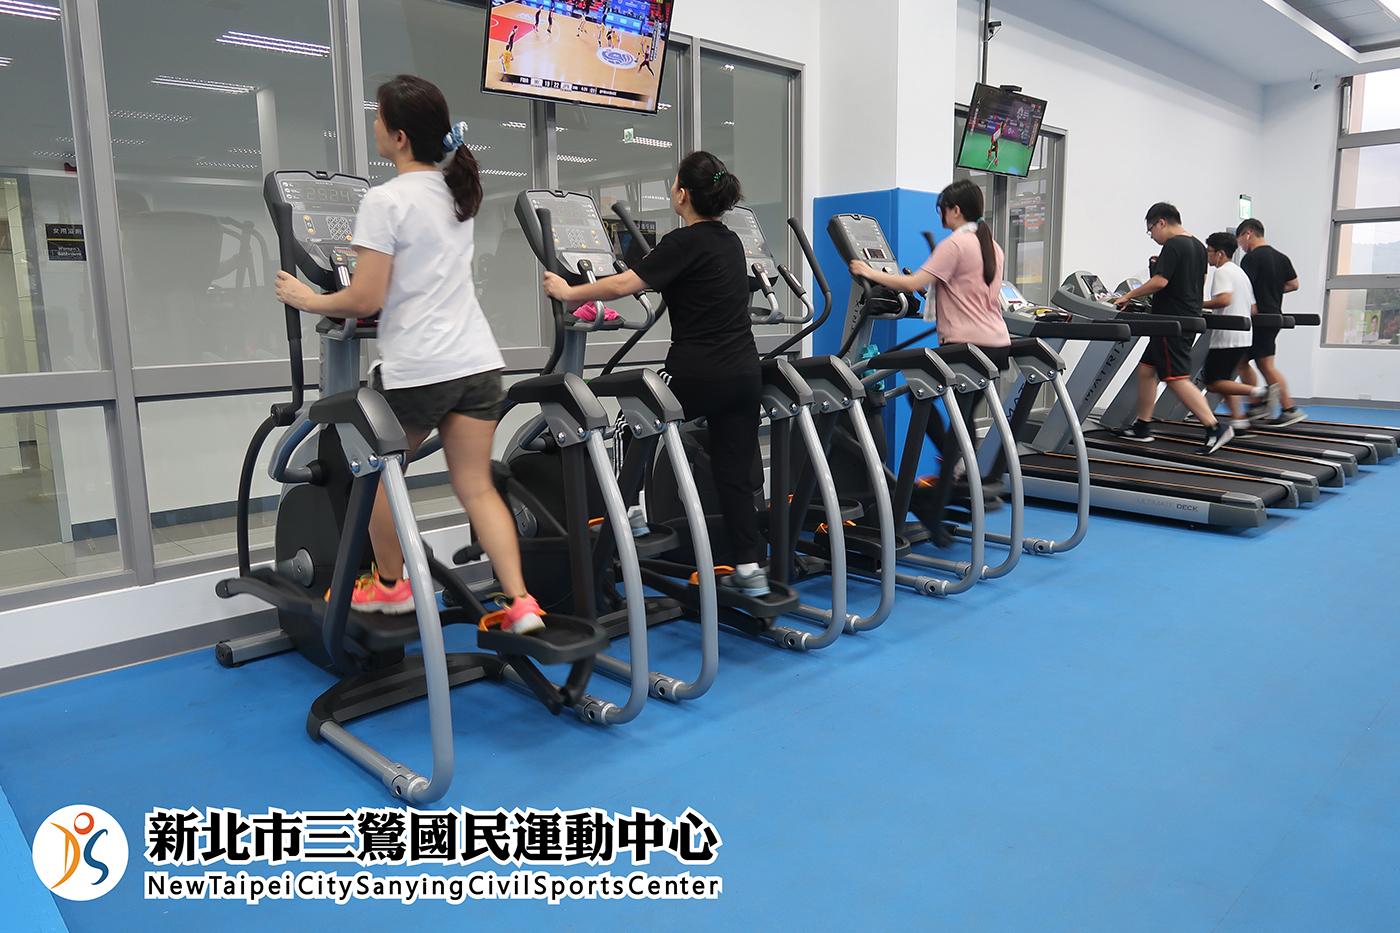 體適能中心民眾使用健步機(jpg)